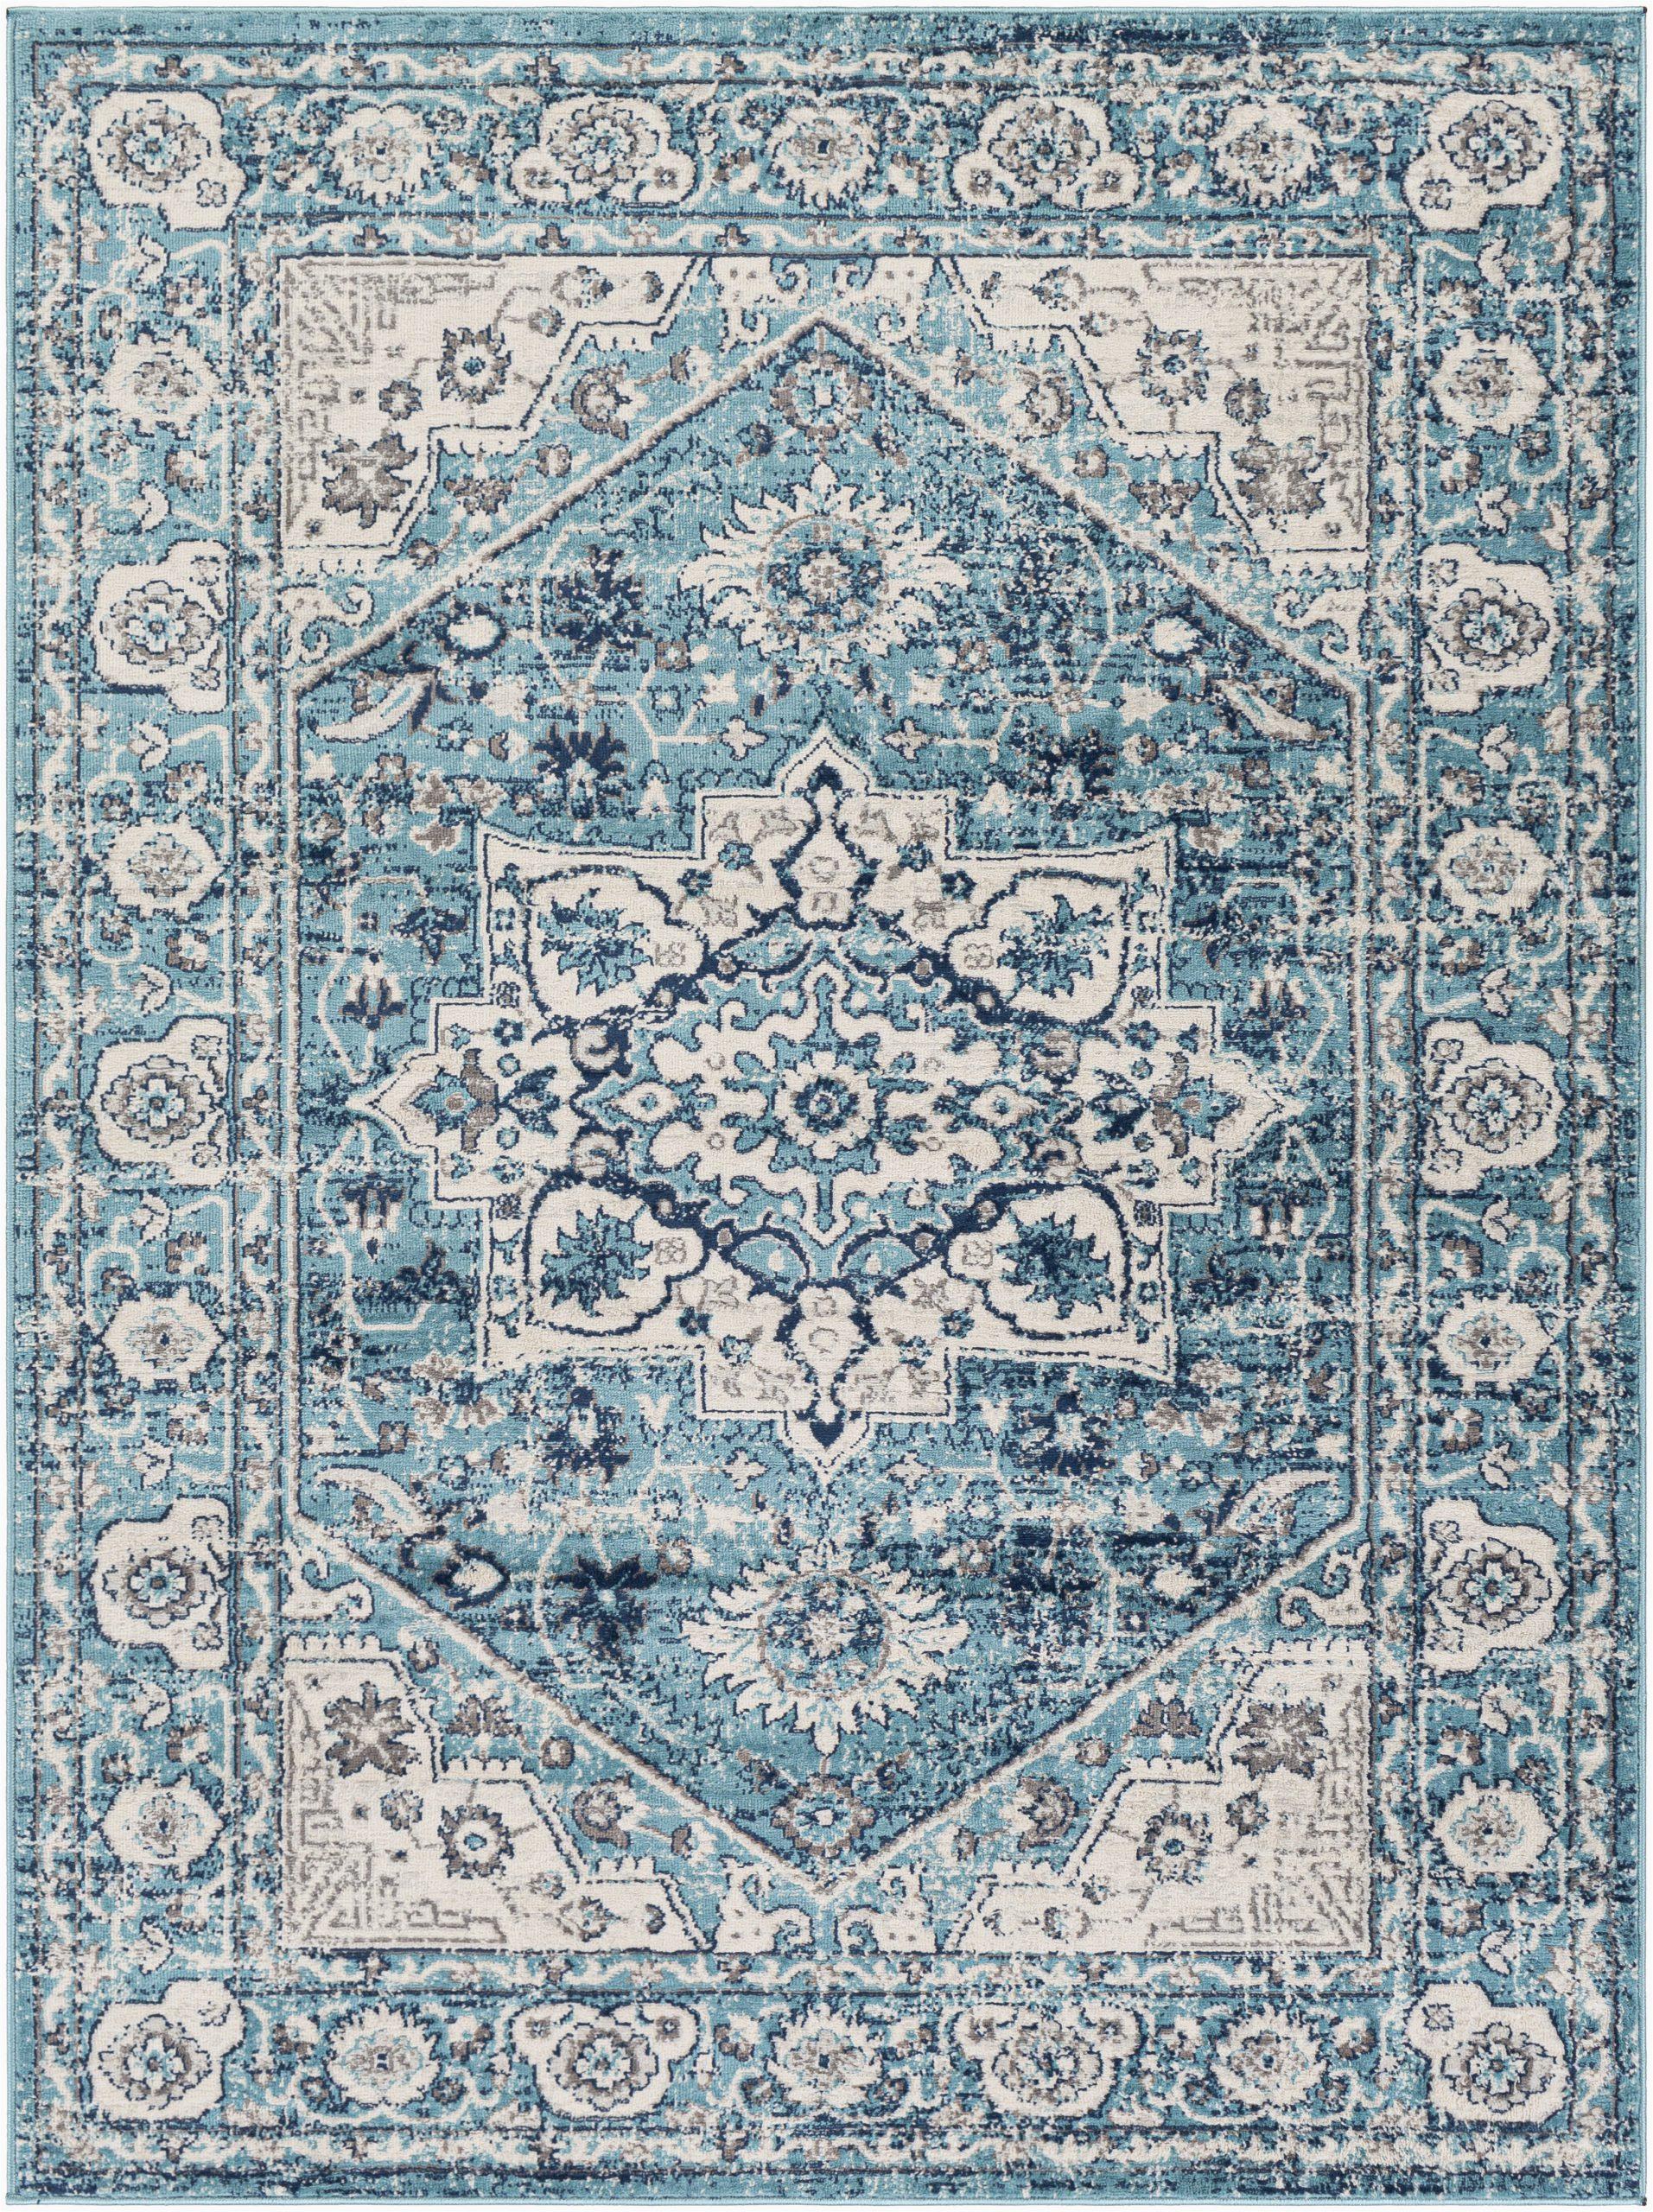 leaver floral tealnavy area rug